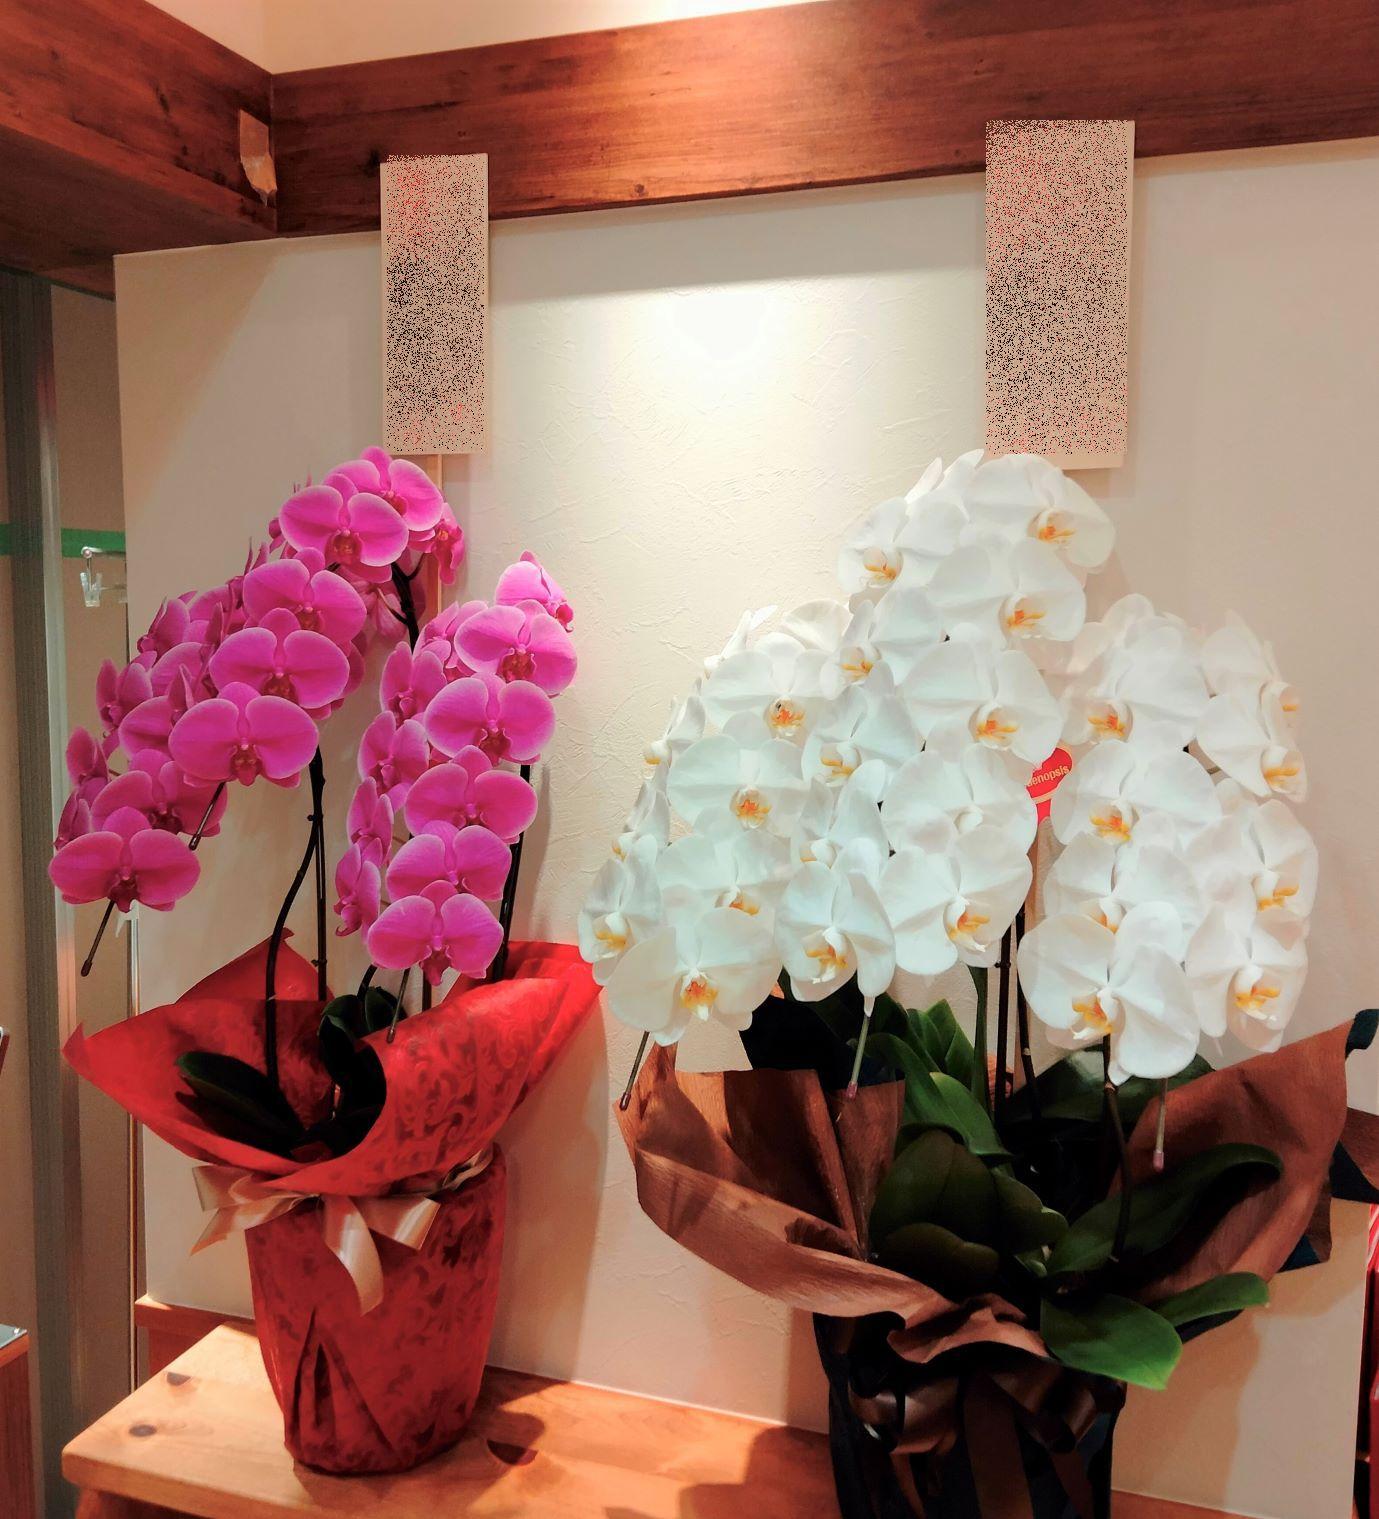 横浜市都筑区へ白とピンクの胡蝶蘭を配達しました。【横浜花屋の花束・スタンド花・胡蝶蘭・バルーン・アレンジメント配達事例953】